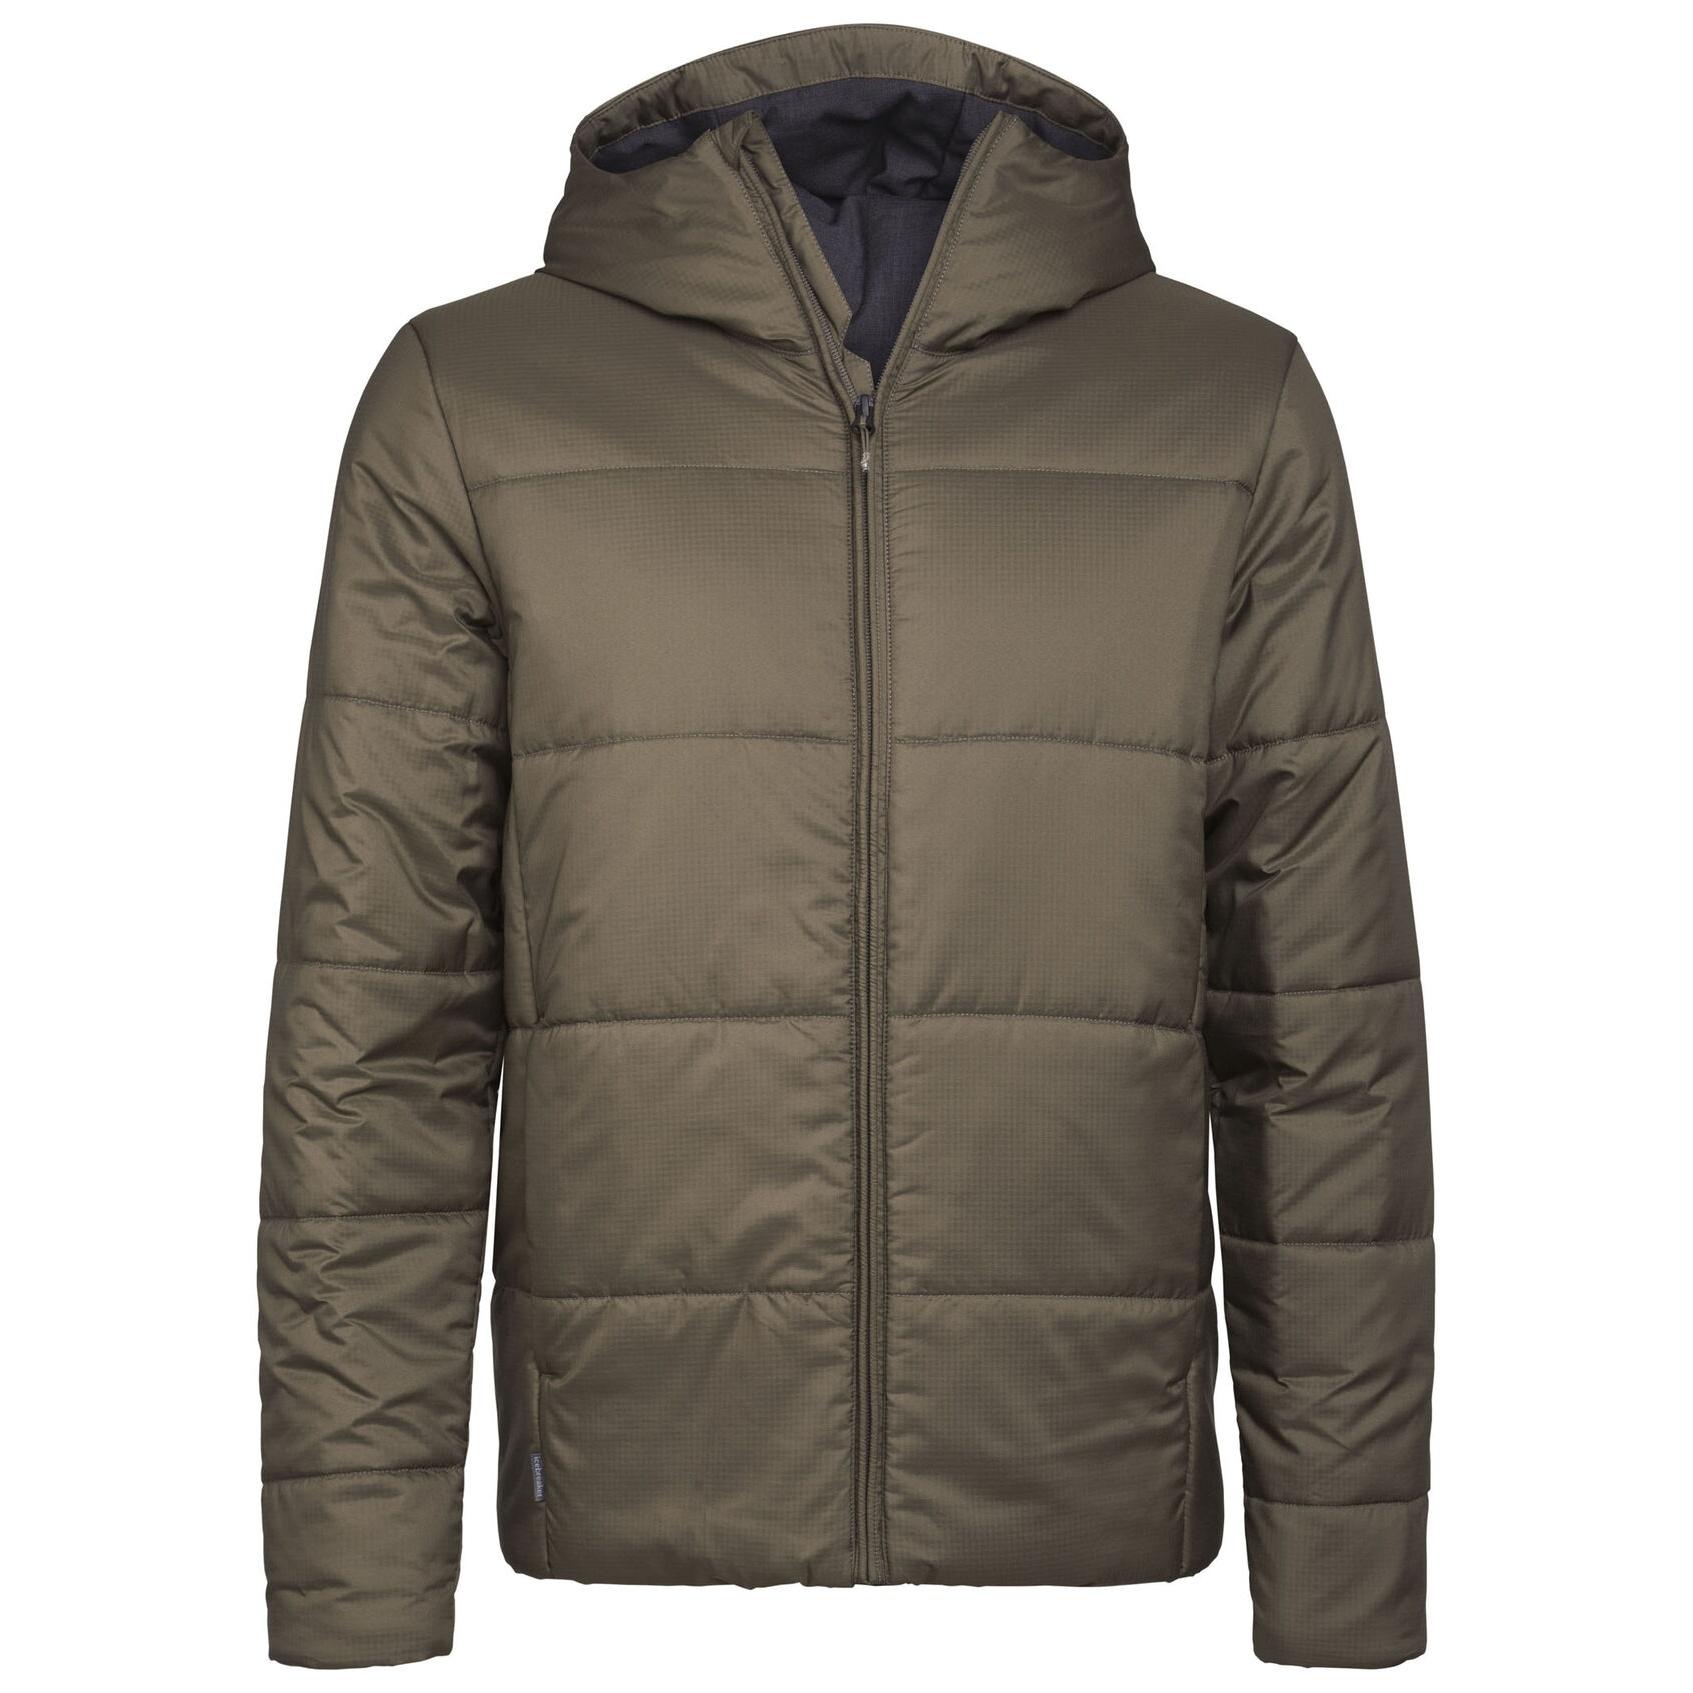 Collingwood Hooded Jacket - Men's